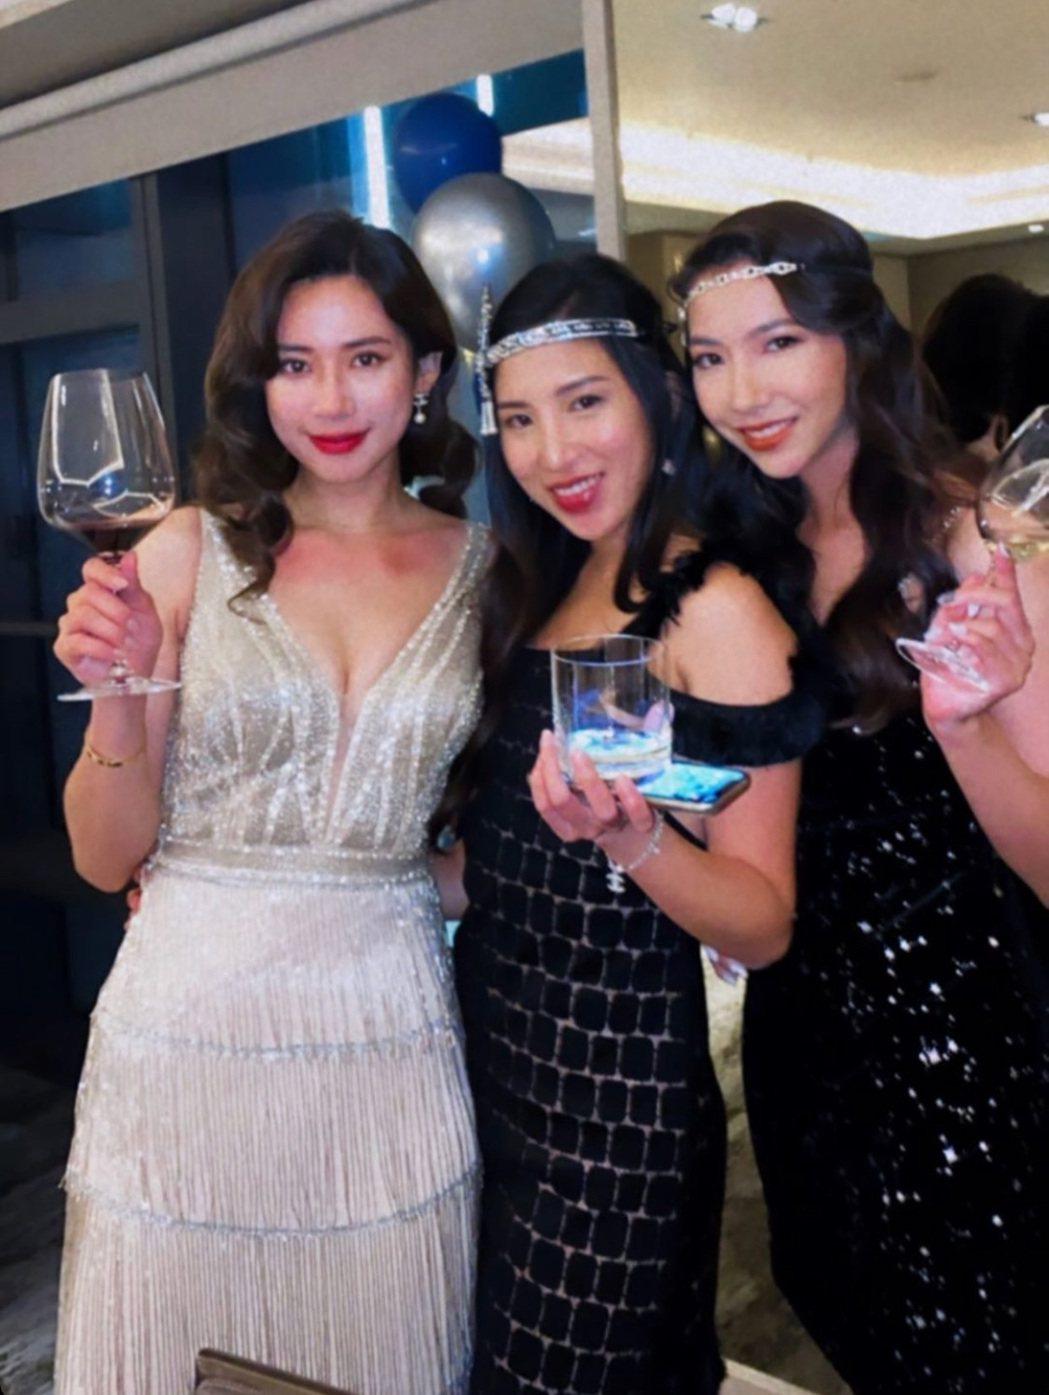 趙岱新(左)穿著銀色流蘇禮服,造型相當火辣。圖/摘自IG